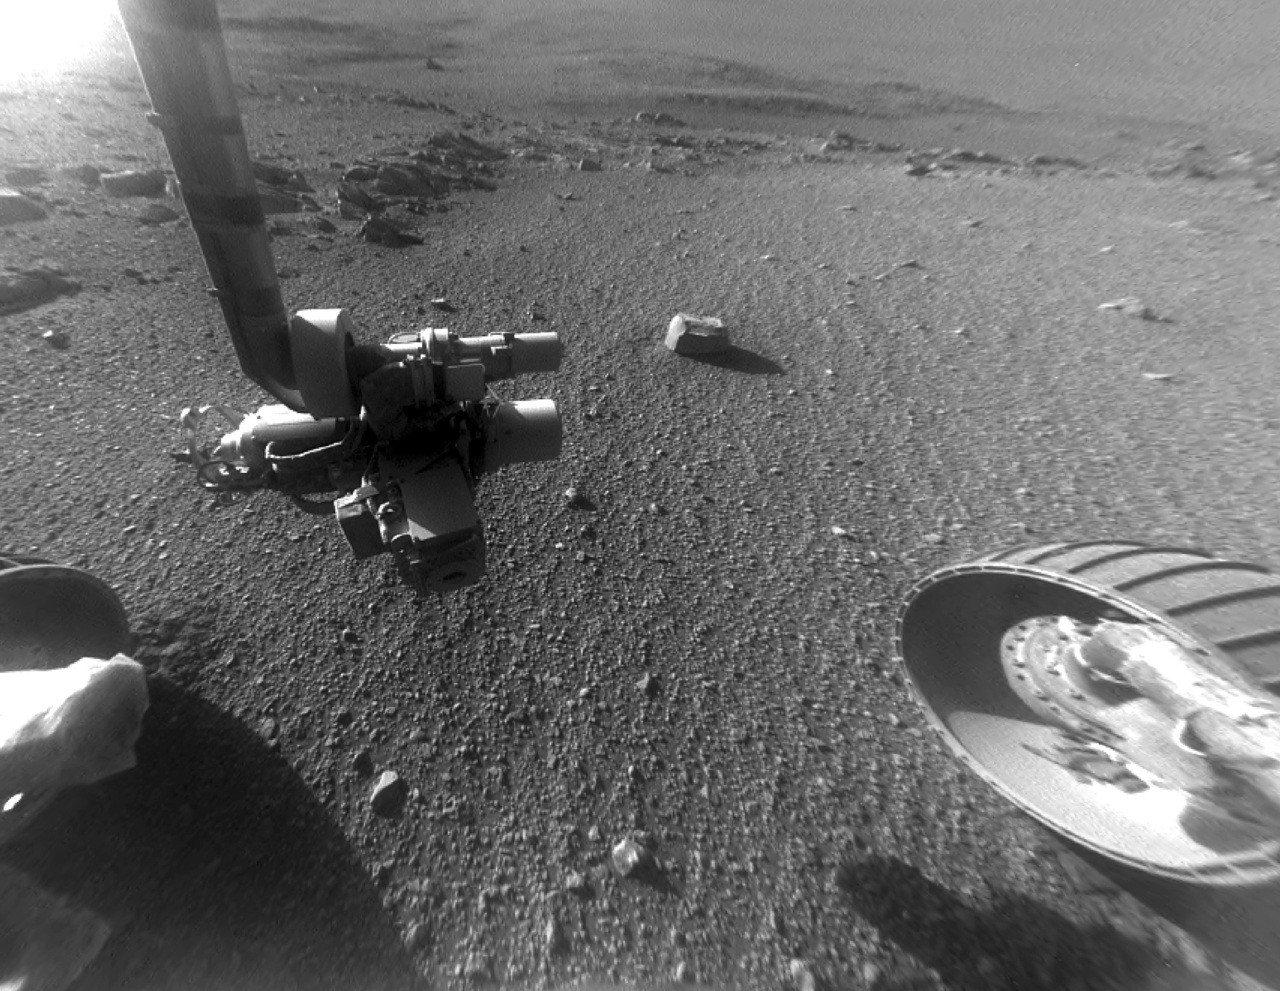 機會號利用地質探測工具,證明火星上曾經有水的證據。 美聯社